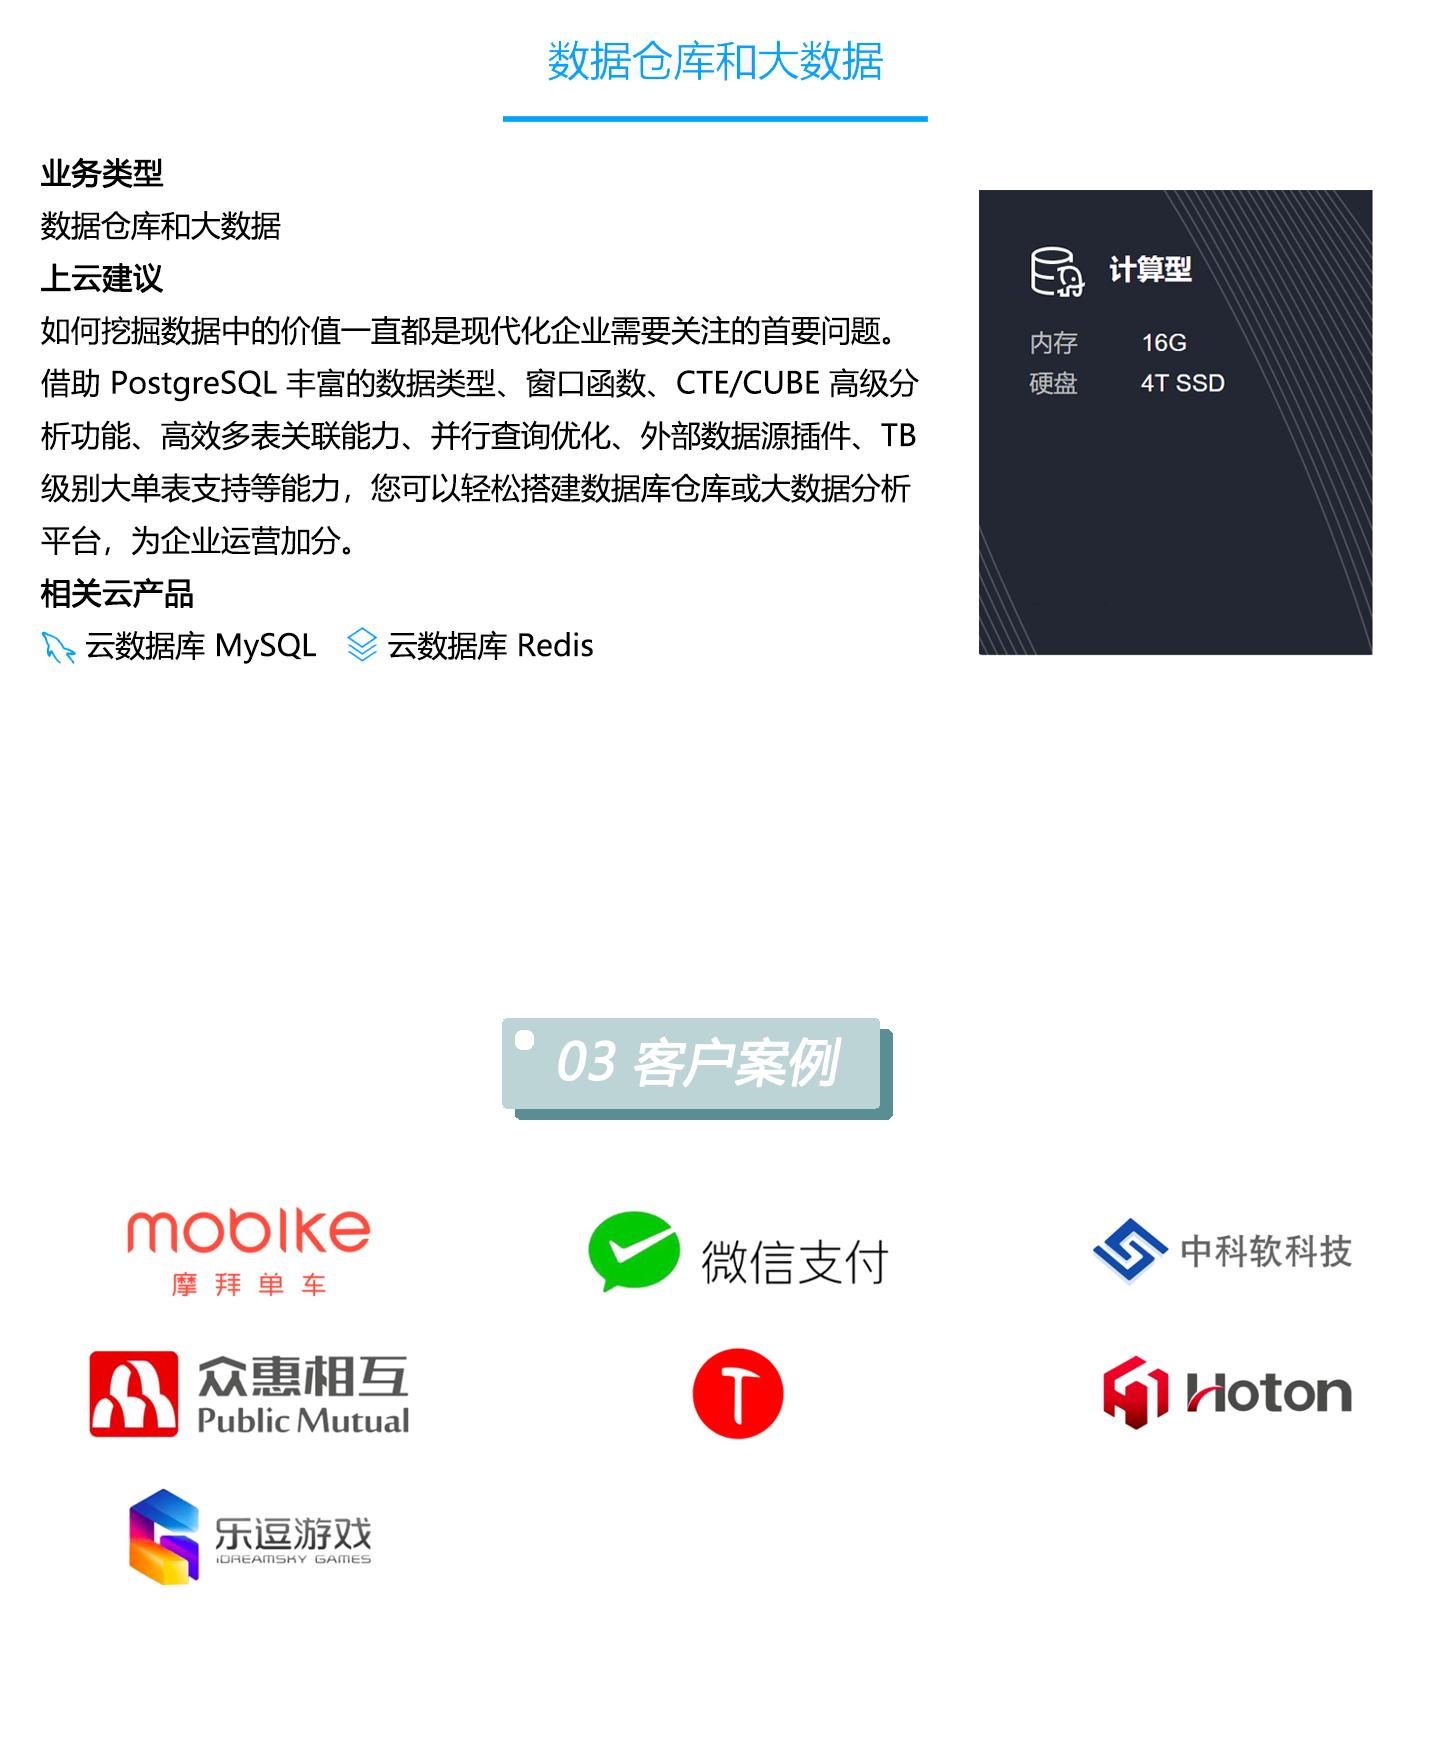 云数据库-TencentDB-for-PostgreSQL-1440_04.jpg